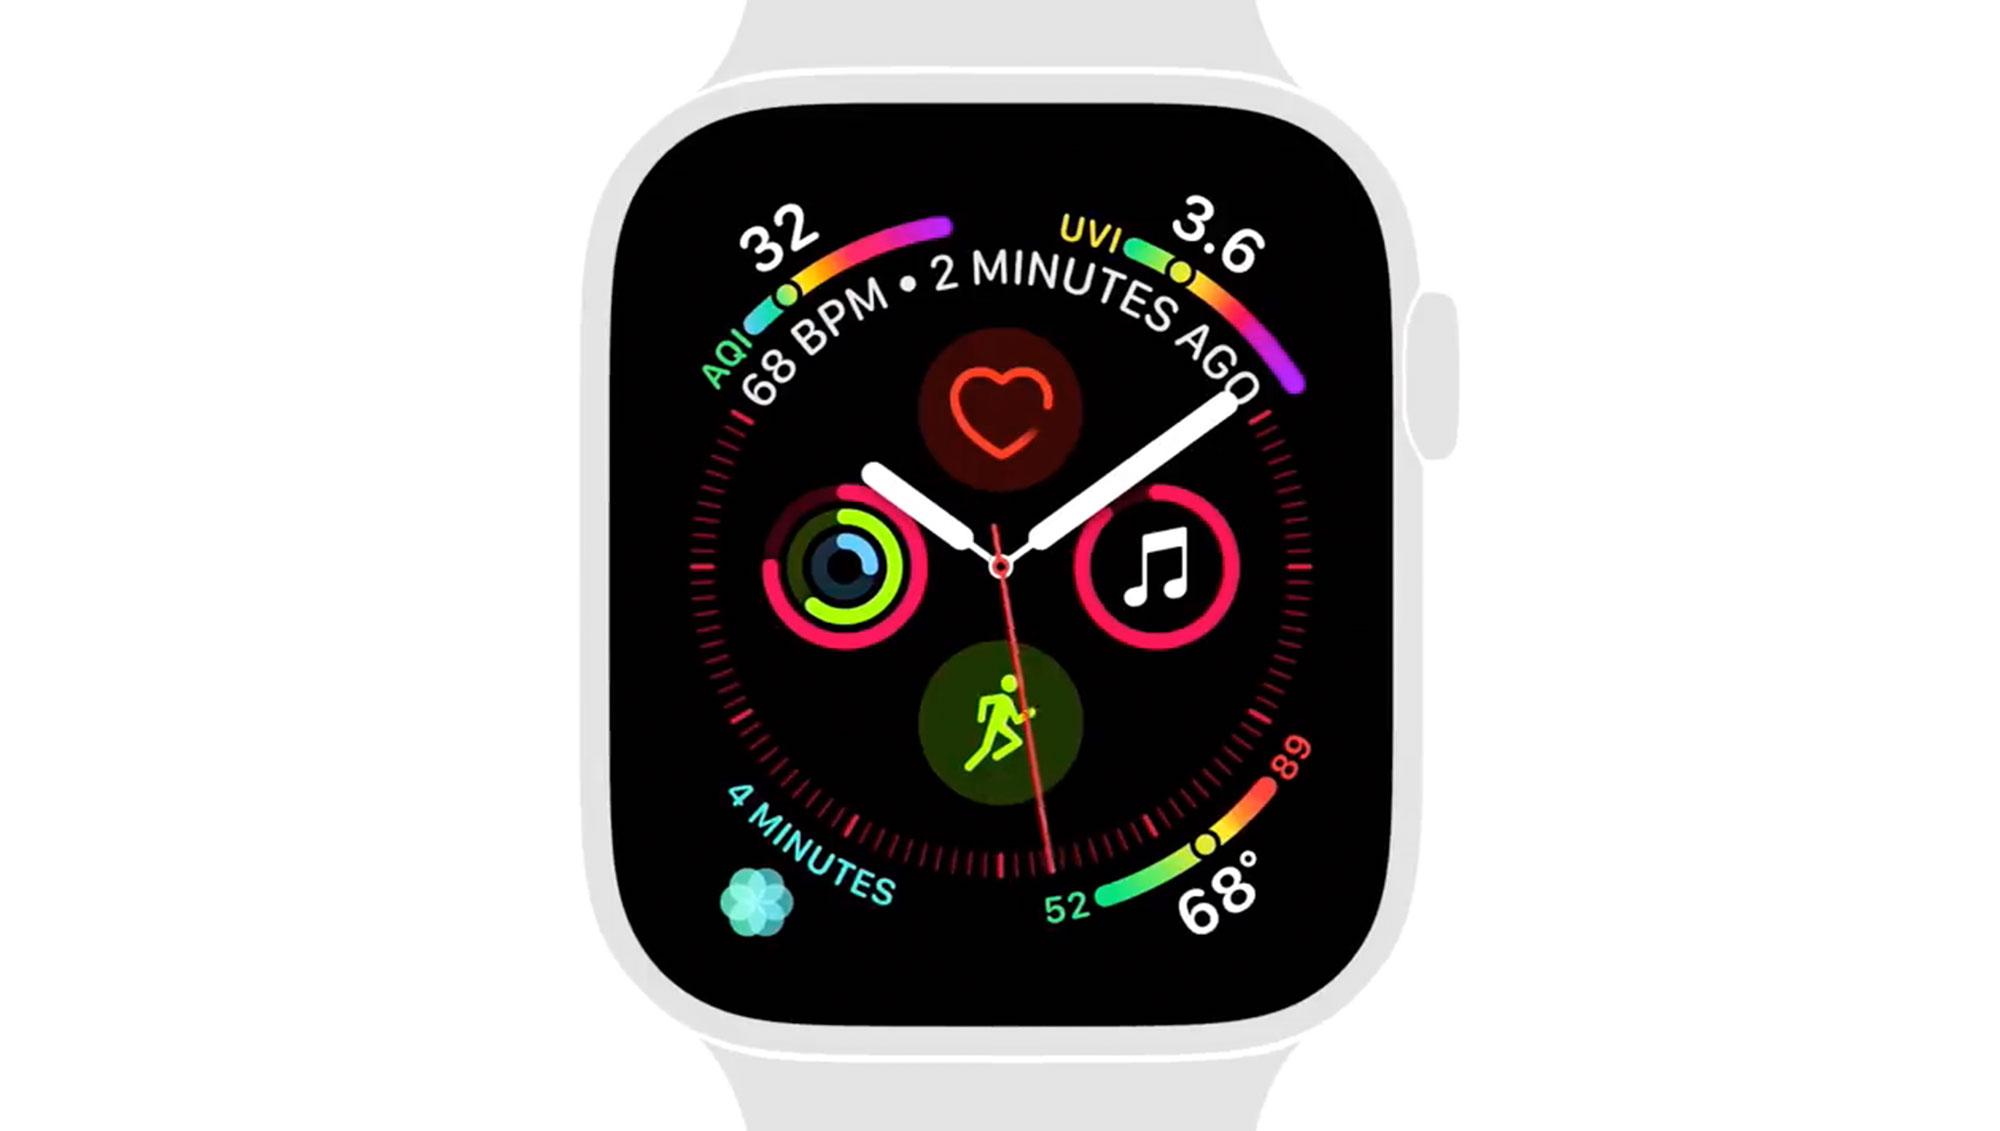 苹果分享两段 Apple Watch Series 4 教程视频,着重宣传健康功能